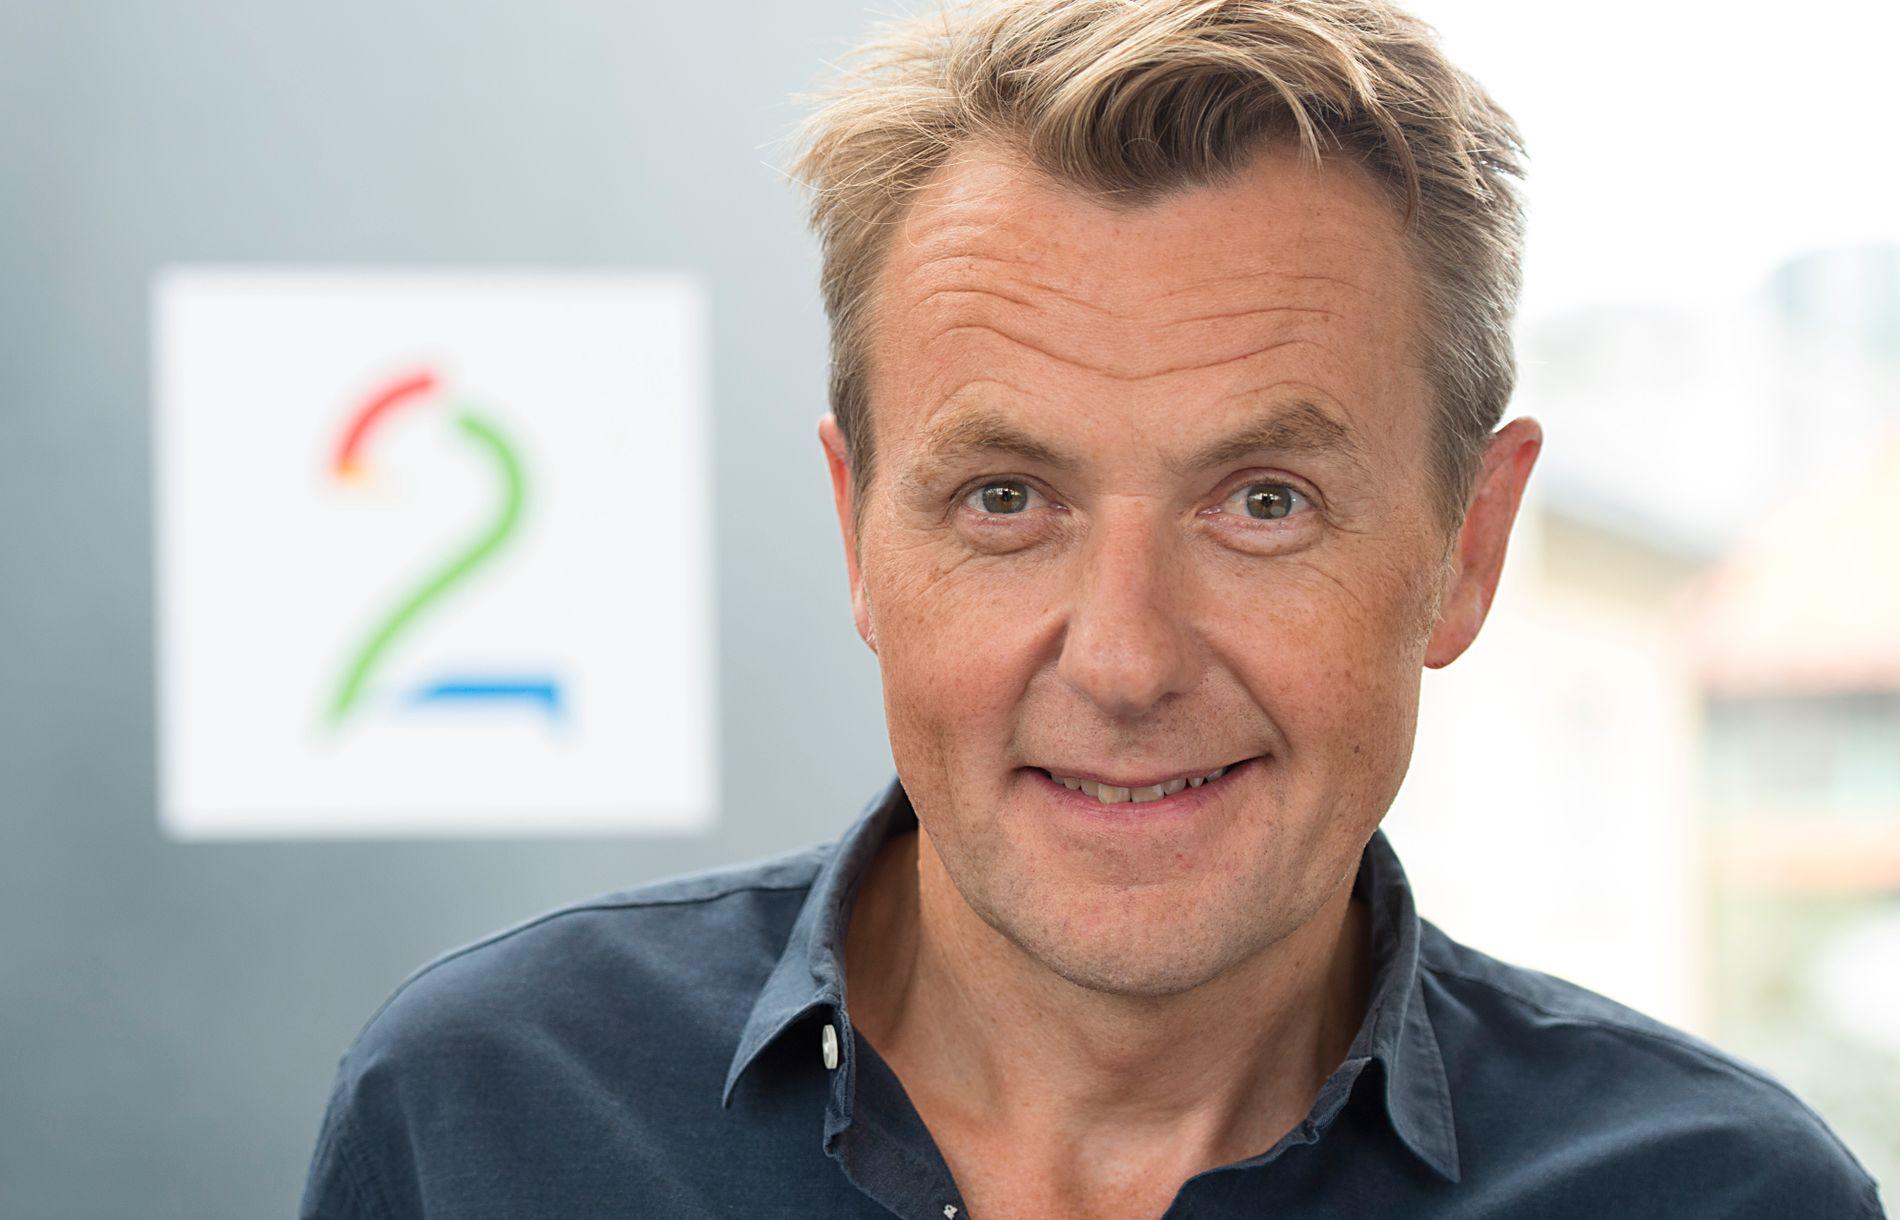 STUPER: Fredrik Skavlan på TV2s høstlansering i Grieghallen.